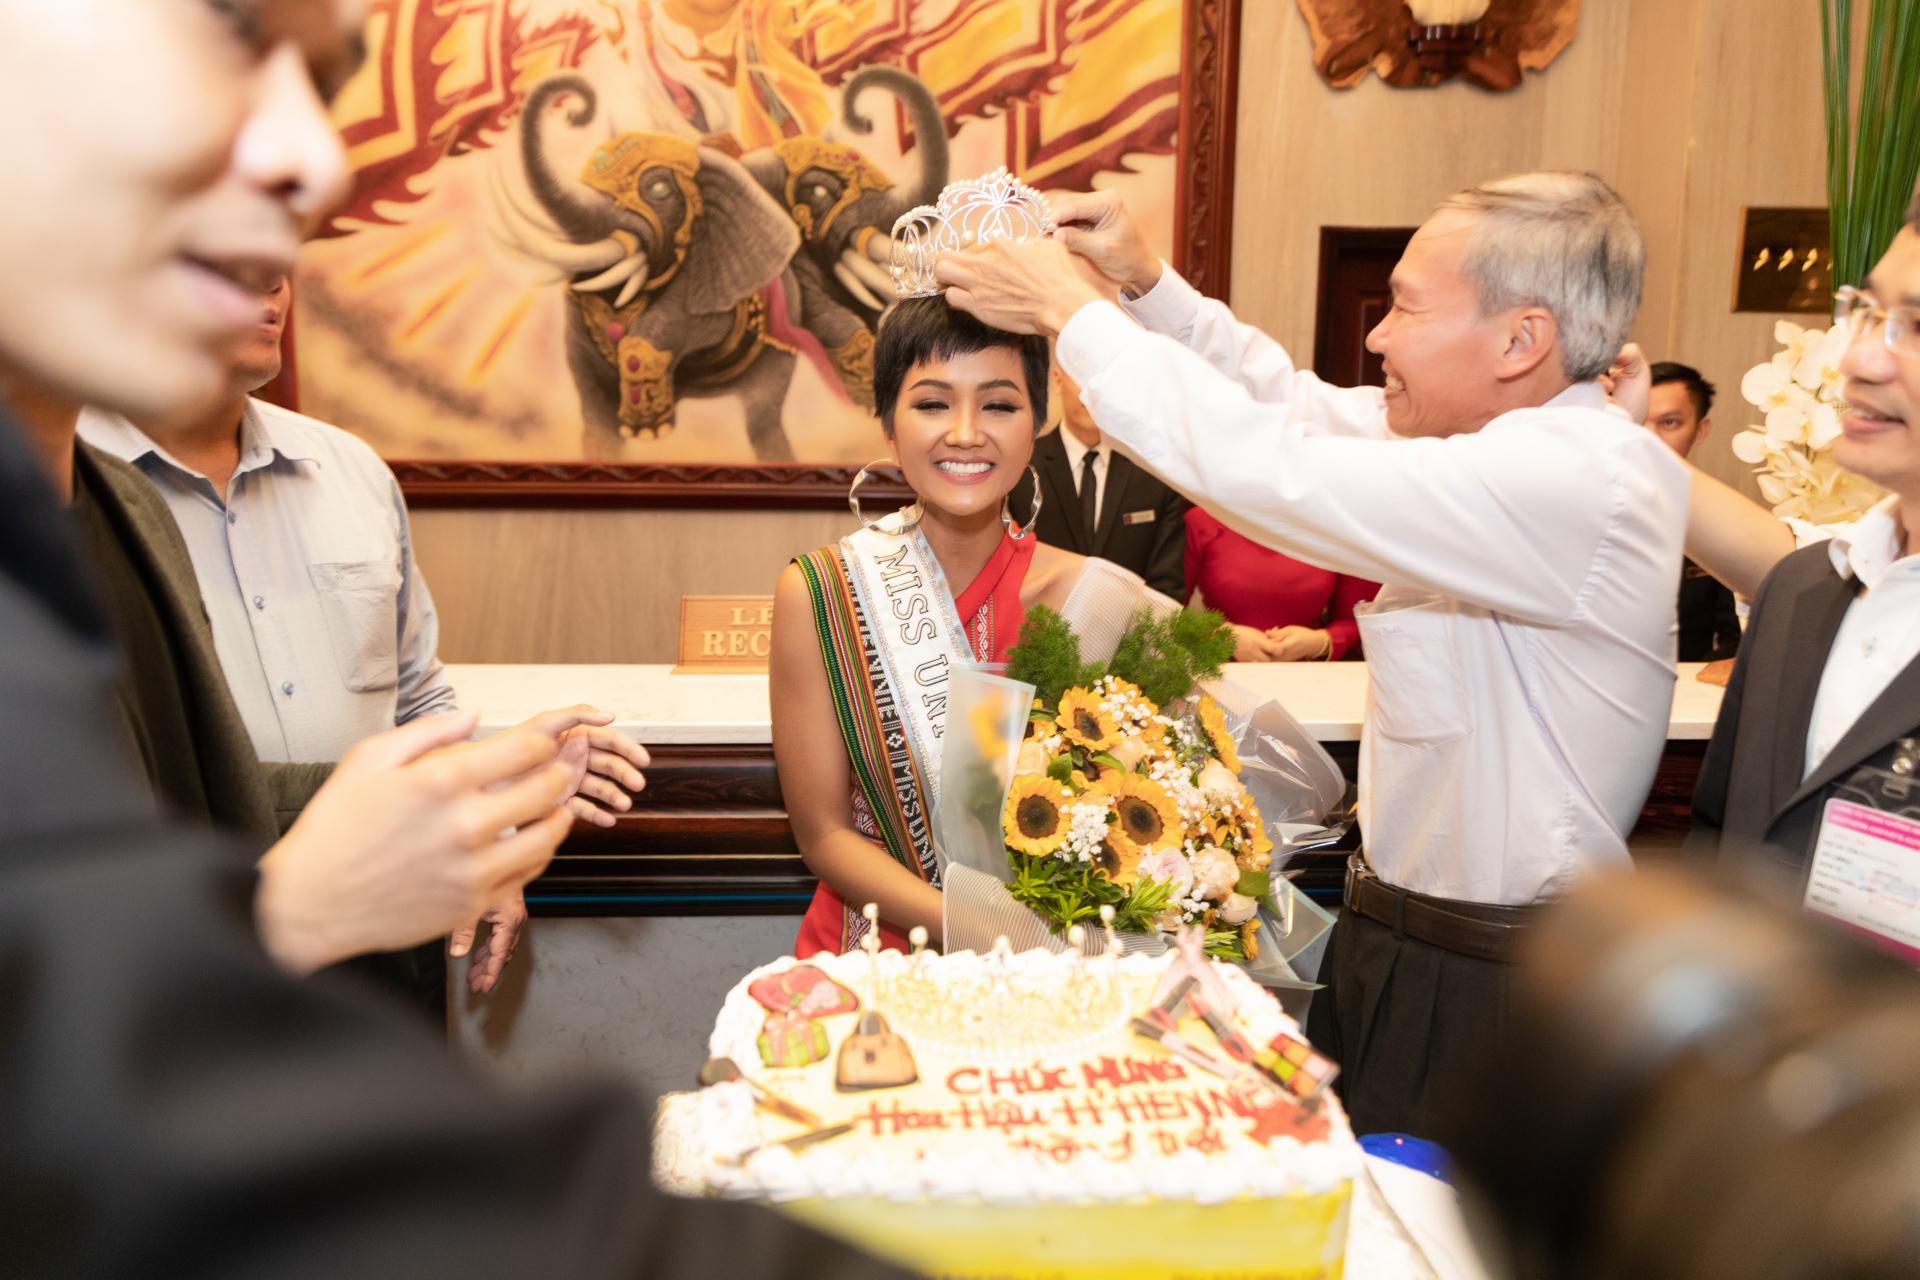 Sau khi trở về khách sạn, H'Hen Niê bất ngờ nhận được món quà đặc biệt từ ekip Hoa hậu của mình đúng khoảnh khắc cách đây một năm trước cô đăng quang Hoa hậu Hoàn vũ Việt Nam.